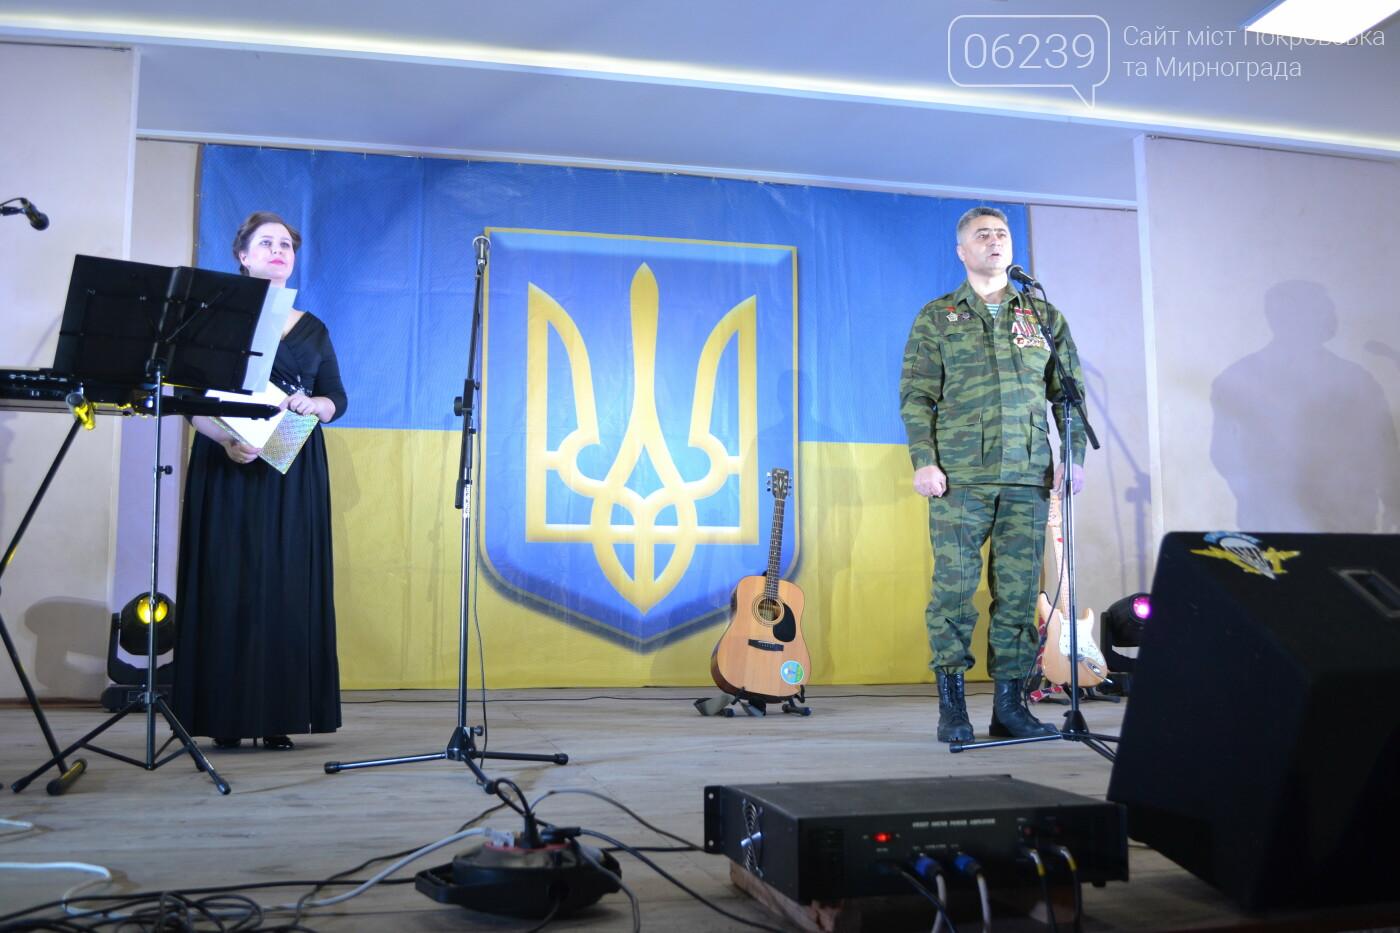 В Покровске и Мирнограде отметили 32-ю годовщину вывода войск из Афганистана, фото-14